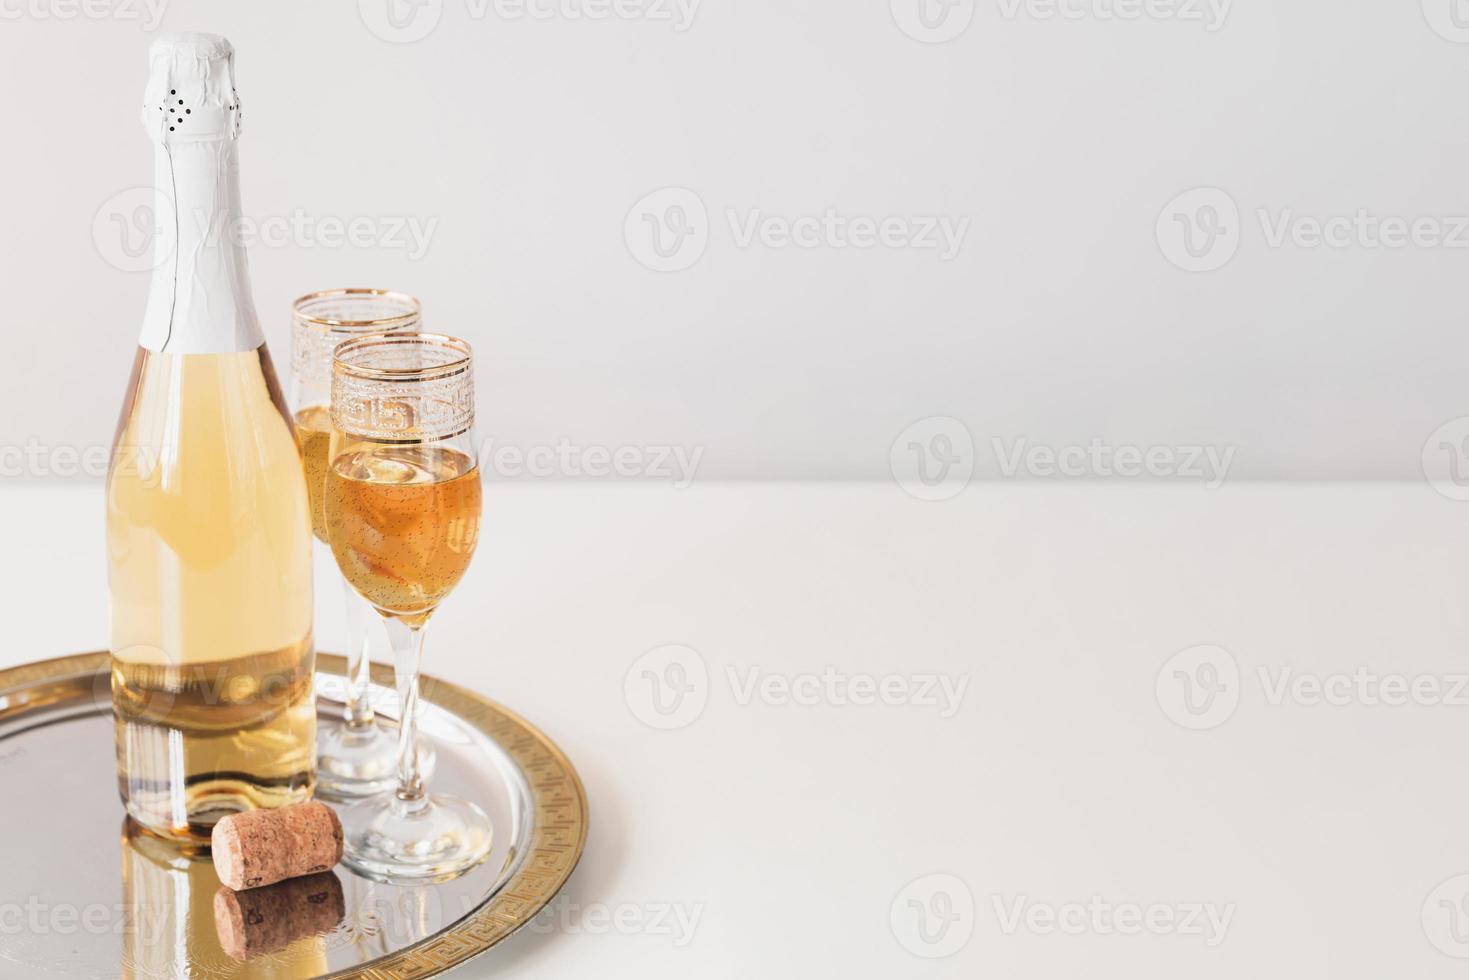 bouteille de champagne et verres sur plateau photo